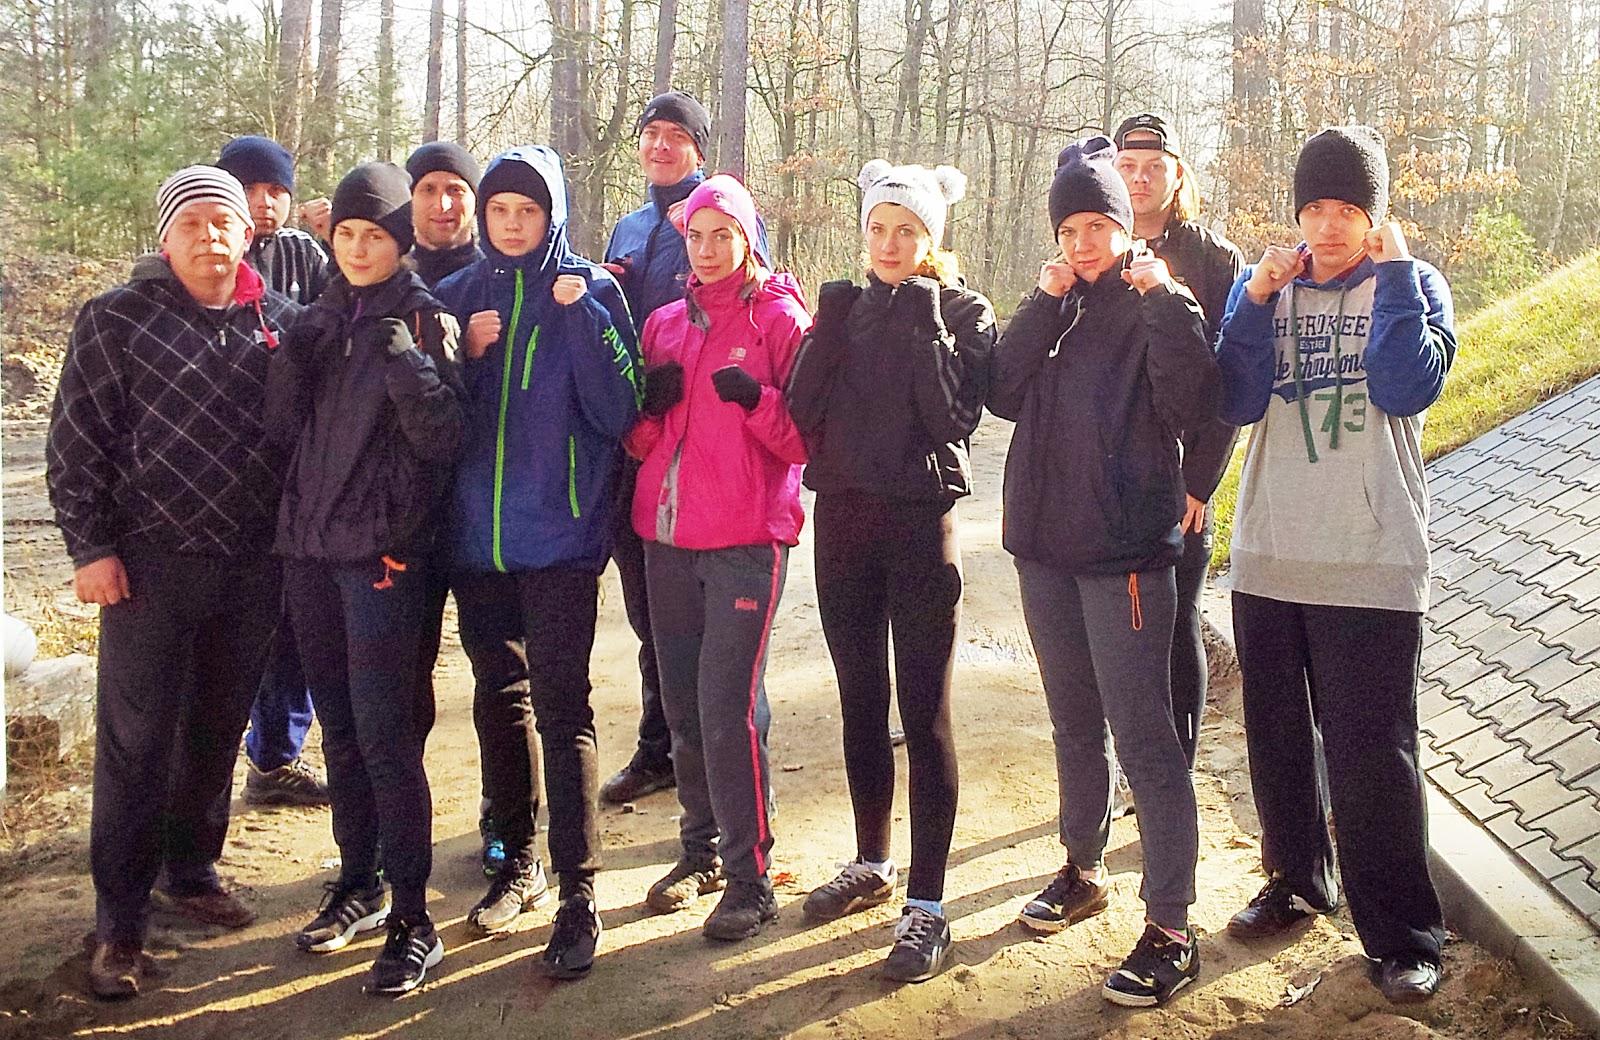 bieganie, Zielona Góra, trening, sport, kultura fizyczna, kondycja, wygląd, dobra forma